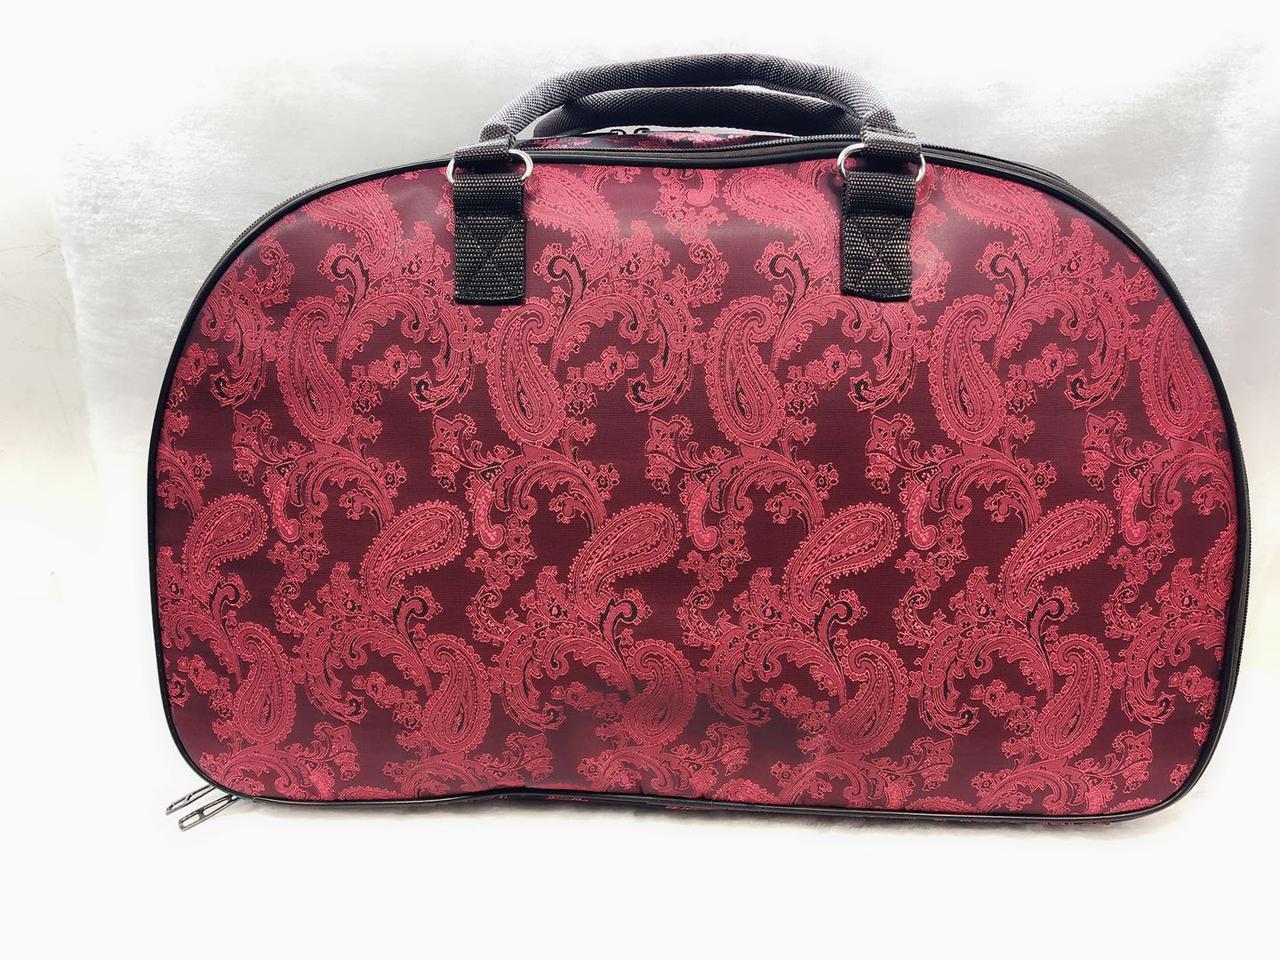 Жіноча сумка саквояж дорожня текстильна червона яскрава